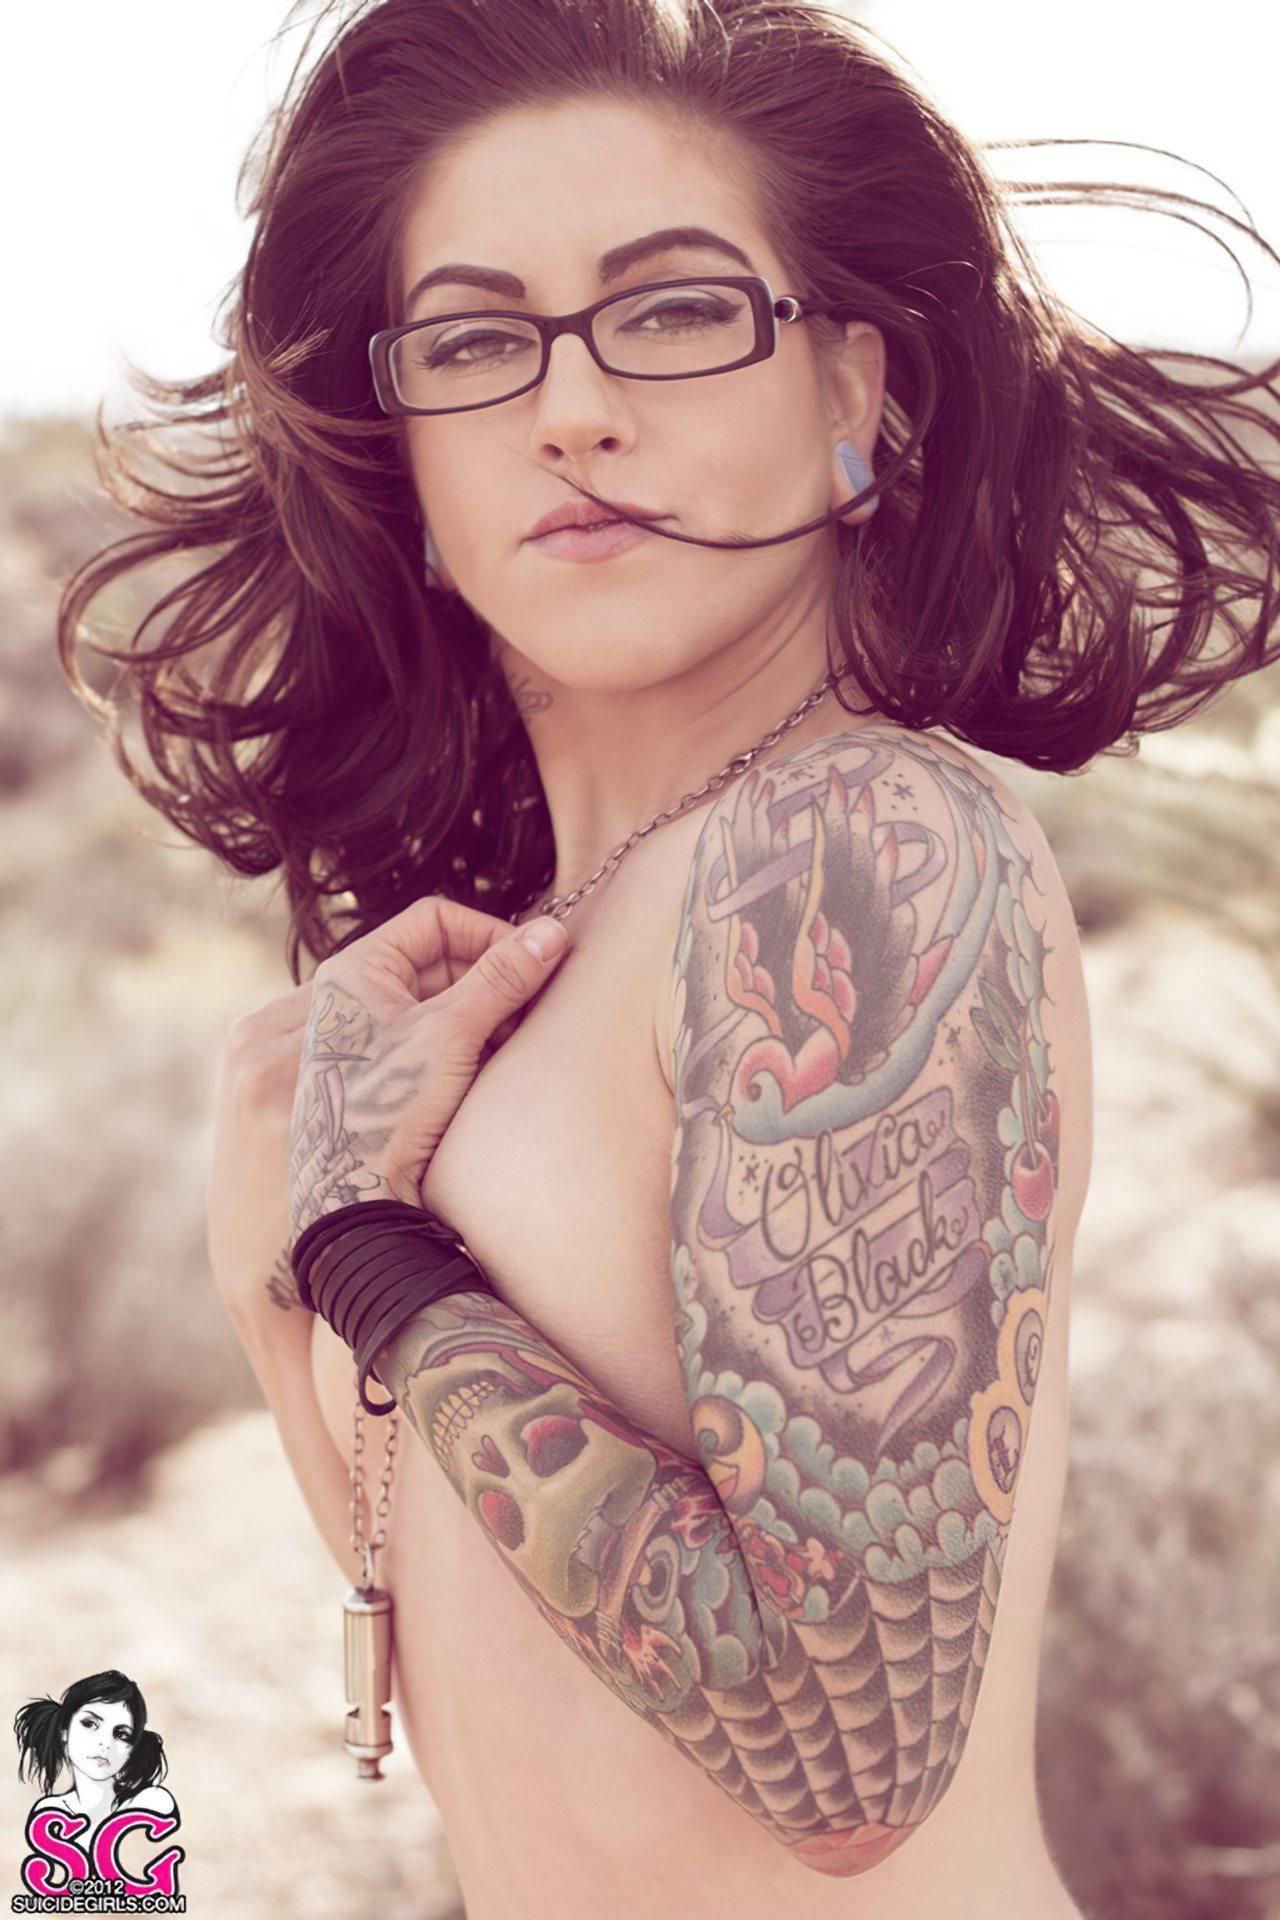 Olivia Black (27)